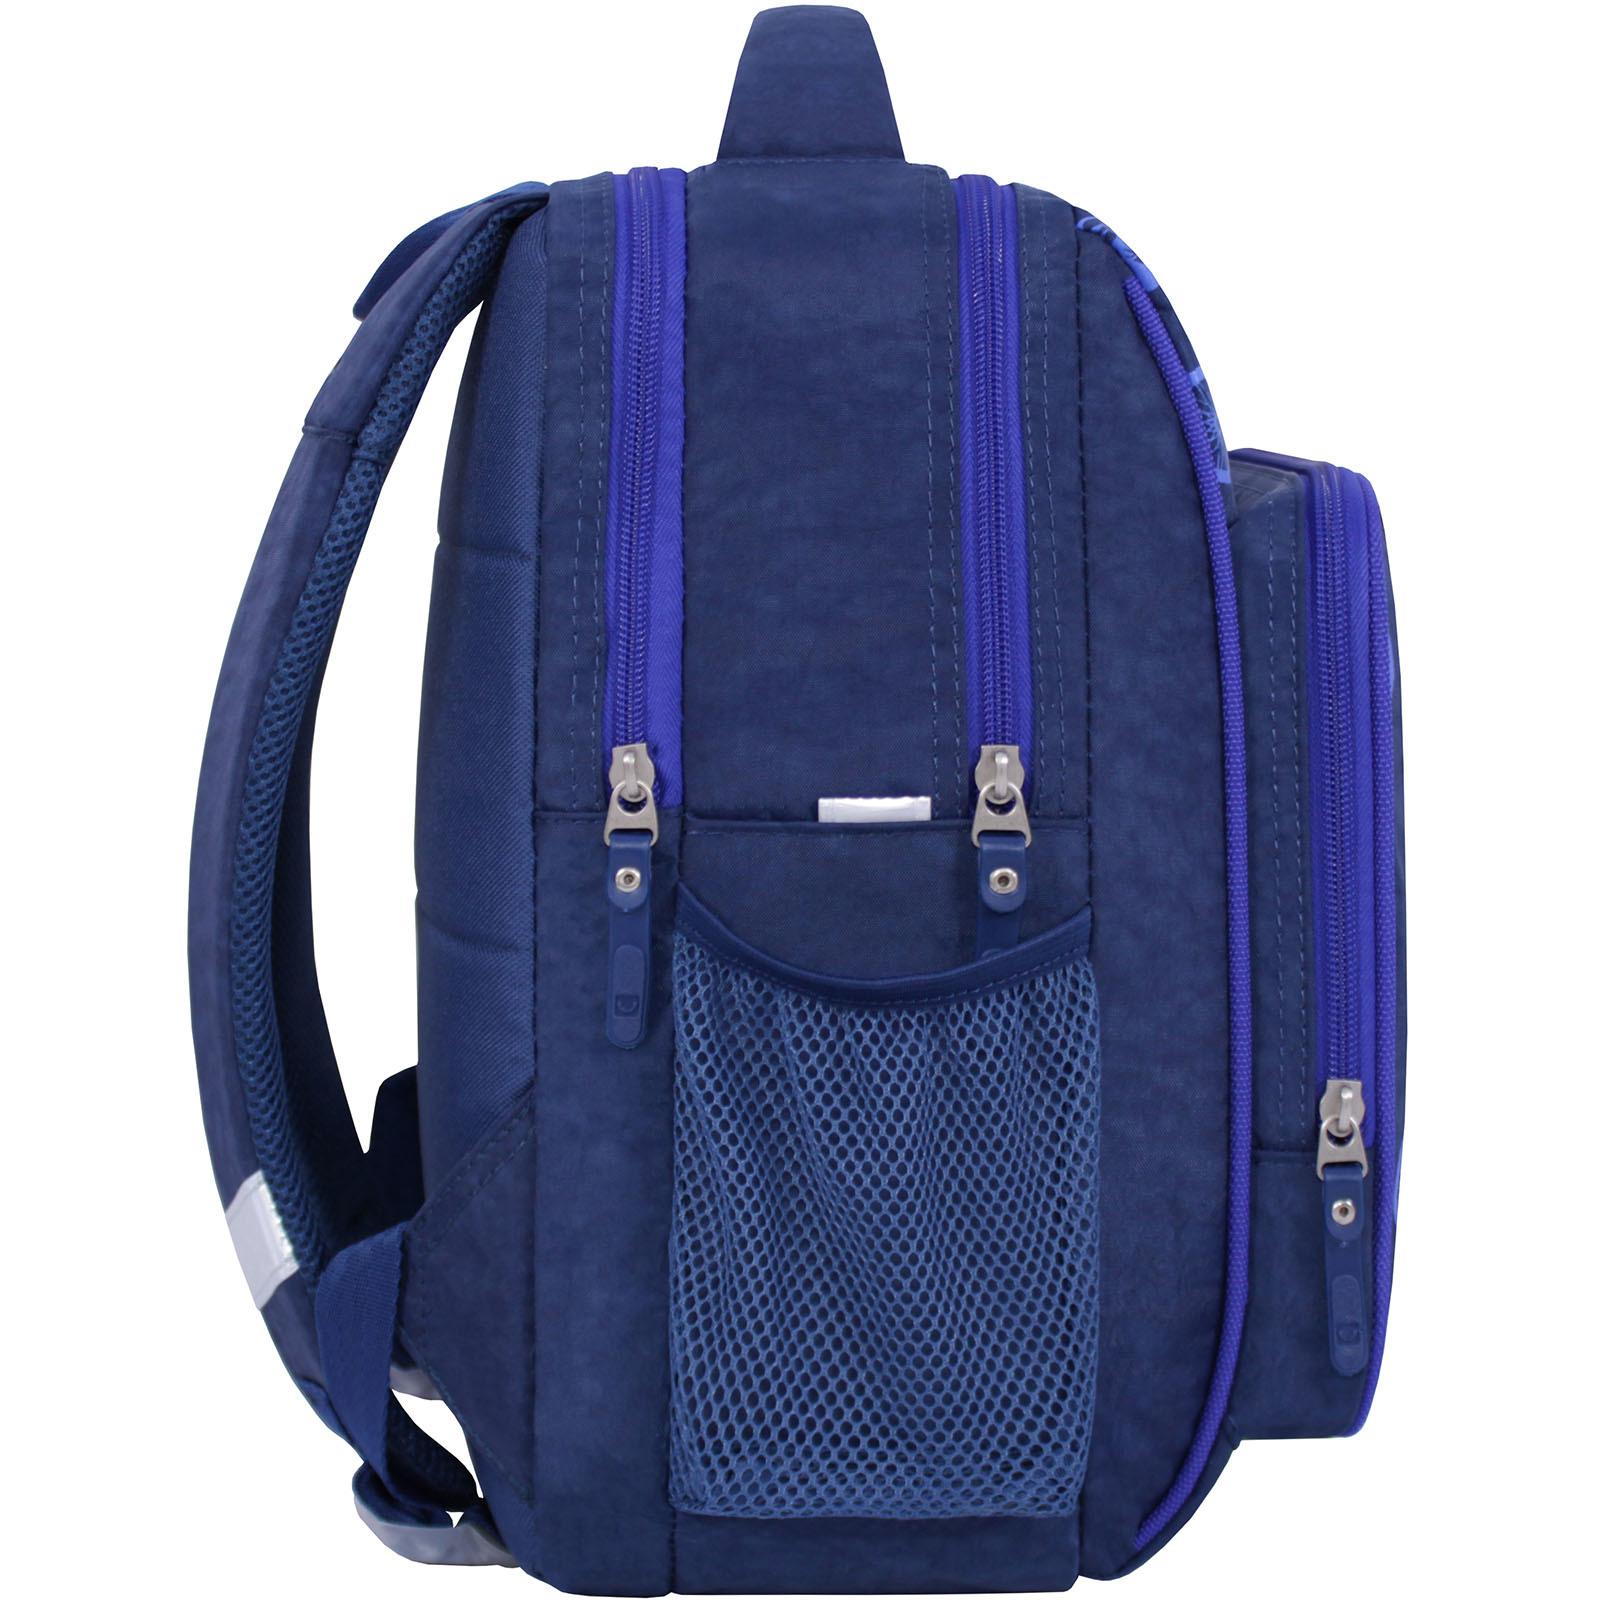 Рюкзак школьный Bagland Школьник 8 л. 225 синий 614 (00112702) фото 2